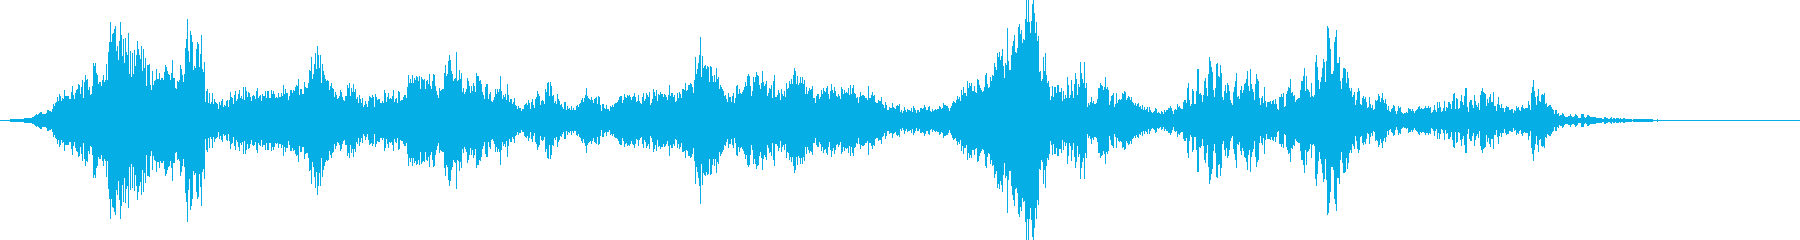 【ホラーゲーム】悪魔のささやきの再生済みの波形